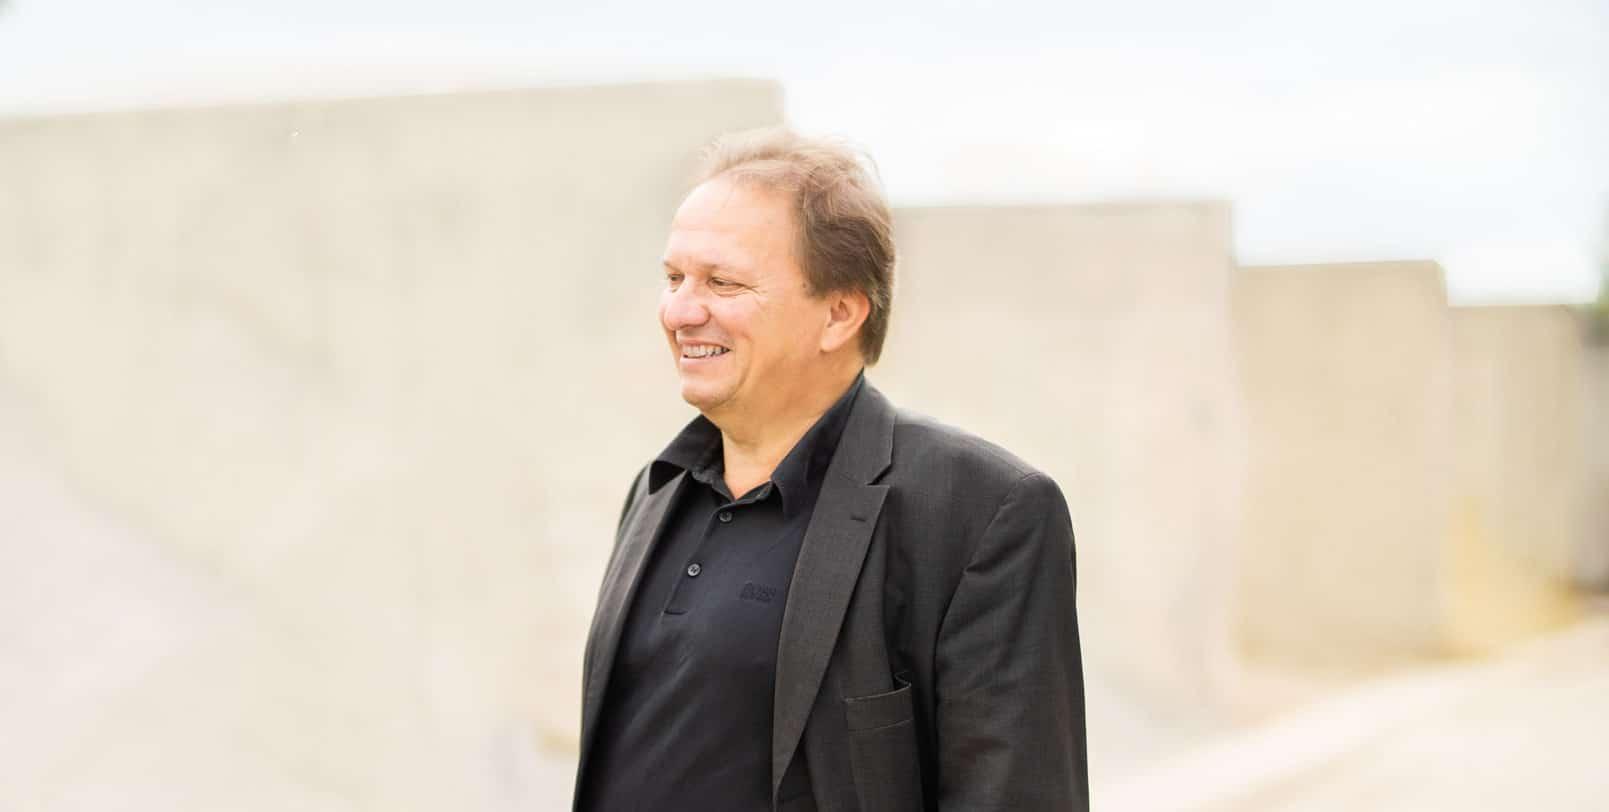 Alois Fürnkranz - Geschäftsführung Saubermacher Bau Recycling & Entsorgung